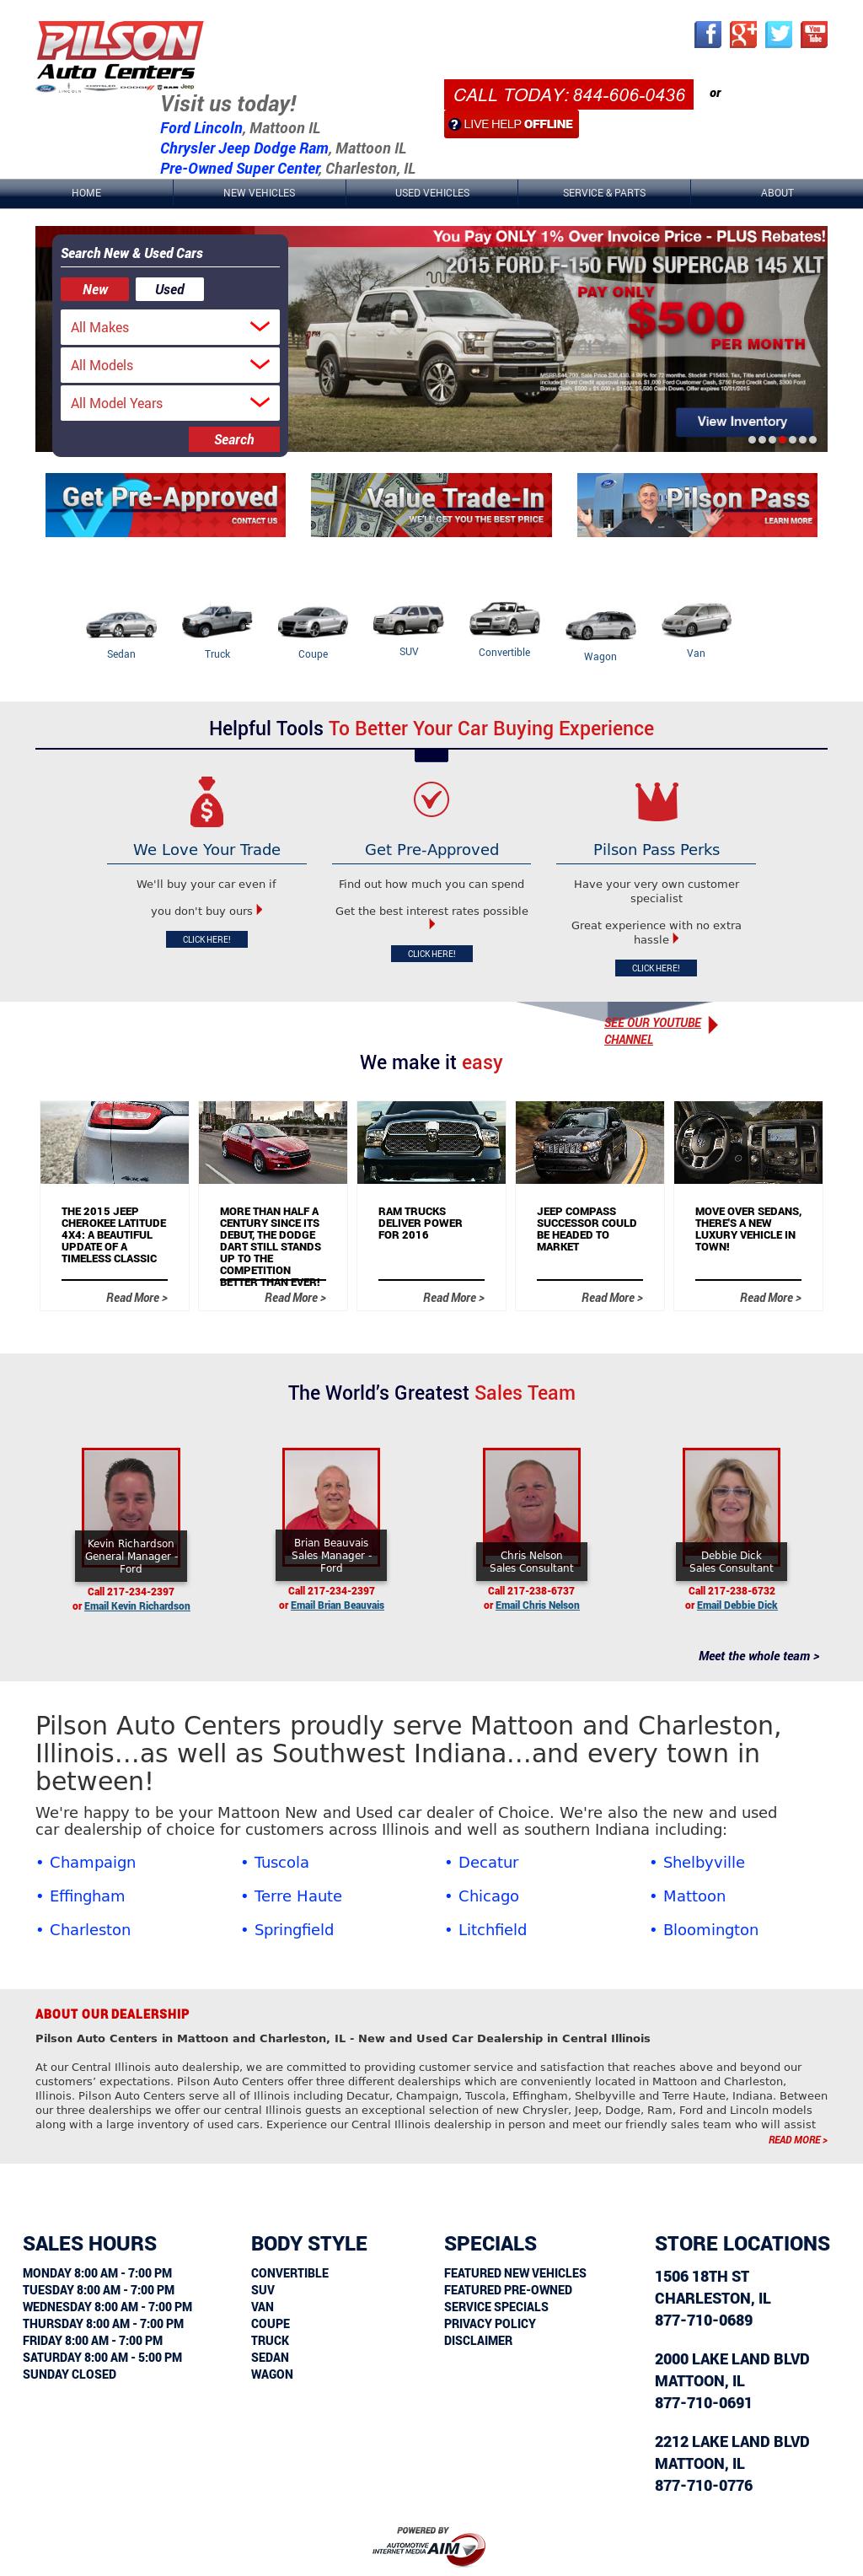 Pilson Auto Center Mattoon >> Pilson Auto Center Mattoon   News of New Car Release